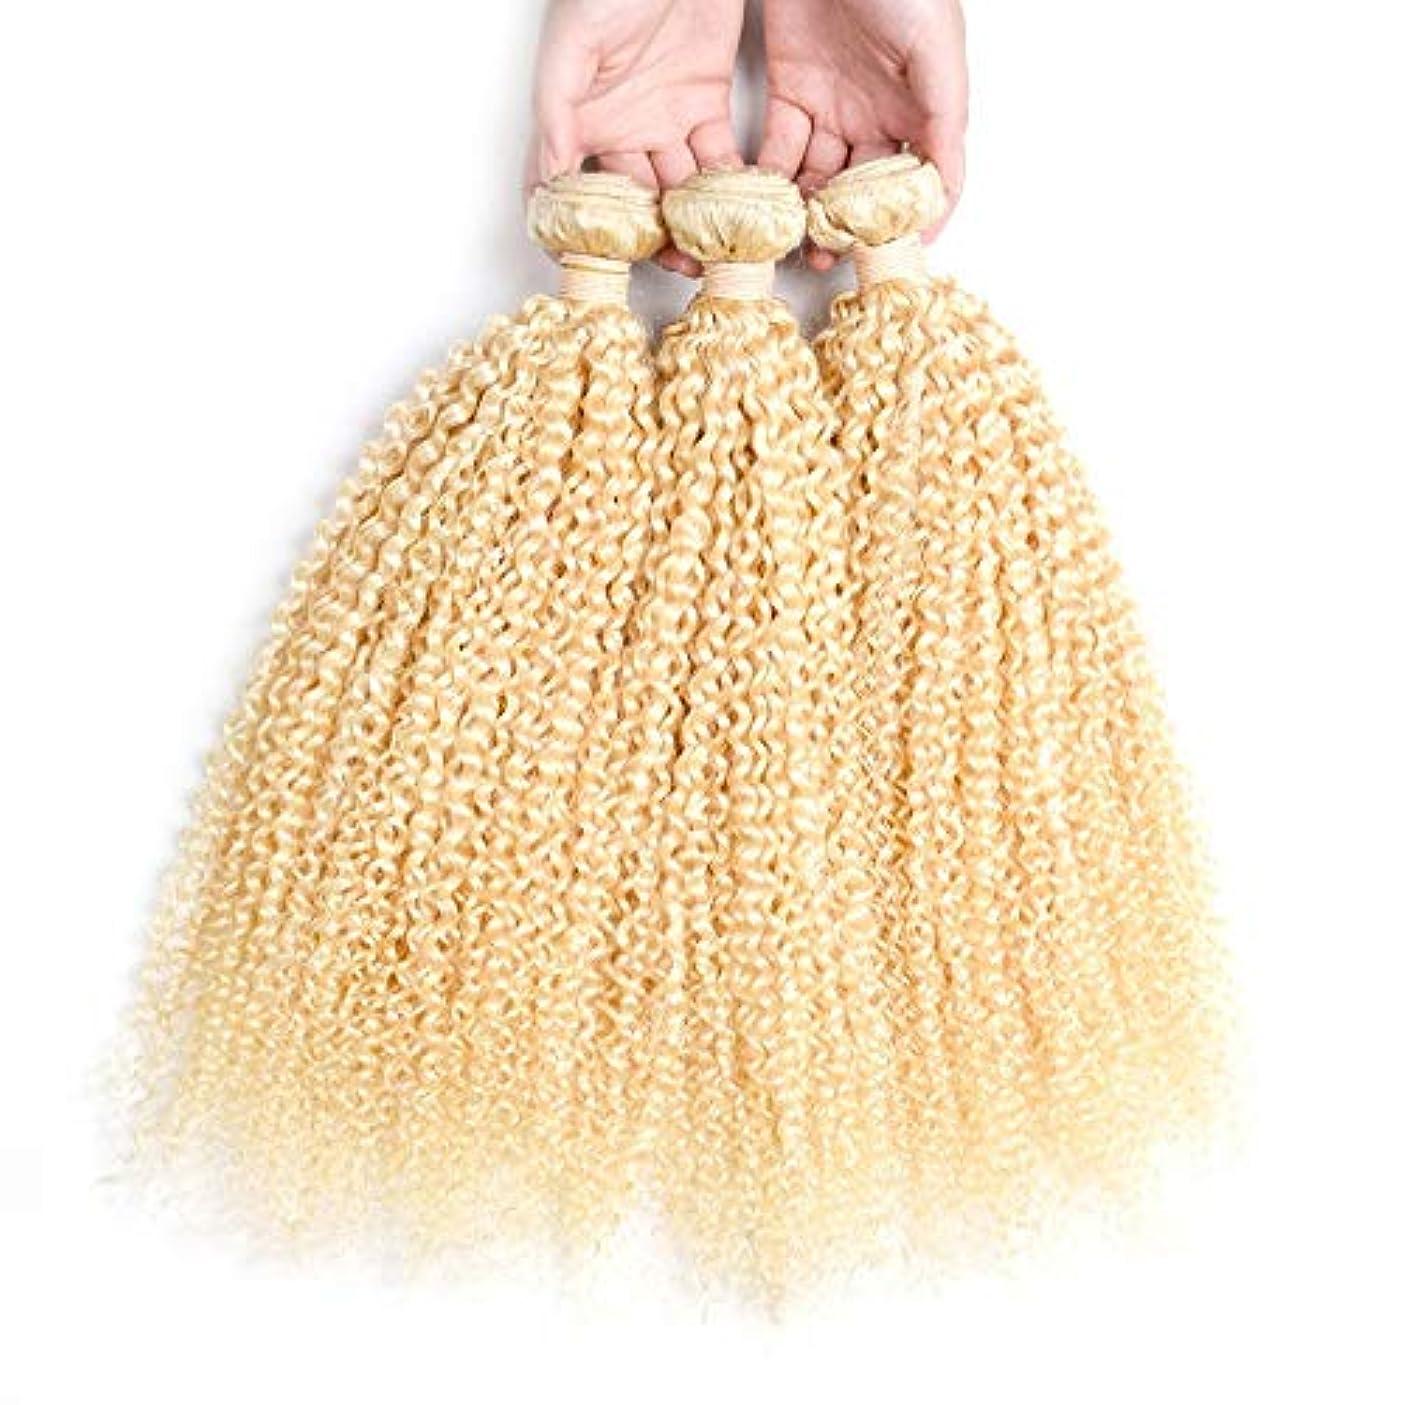 学習者希少性アフリカ人HOHYLLYA ブロンドの人間の髪織りバンドル本物の変態カーリーヘアエクステンション横糸 - #613ブロンドの髪(1バンドル、10-26インチ、100g)ブロンドのかつら (色 : Blonde, サイズ : 10 inch)